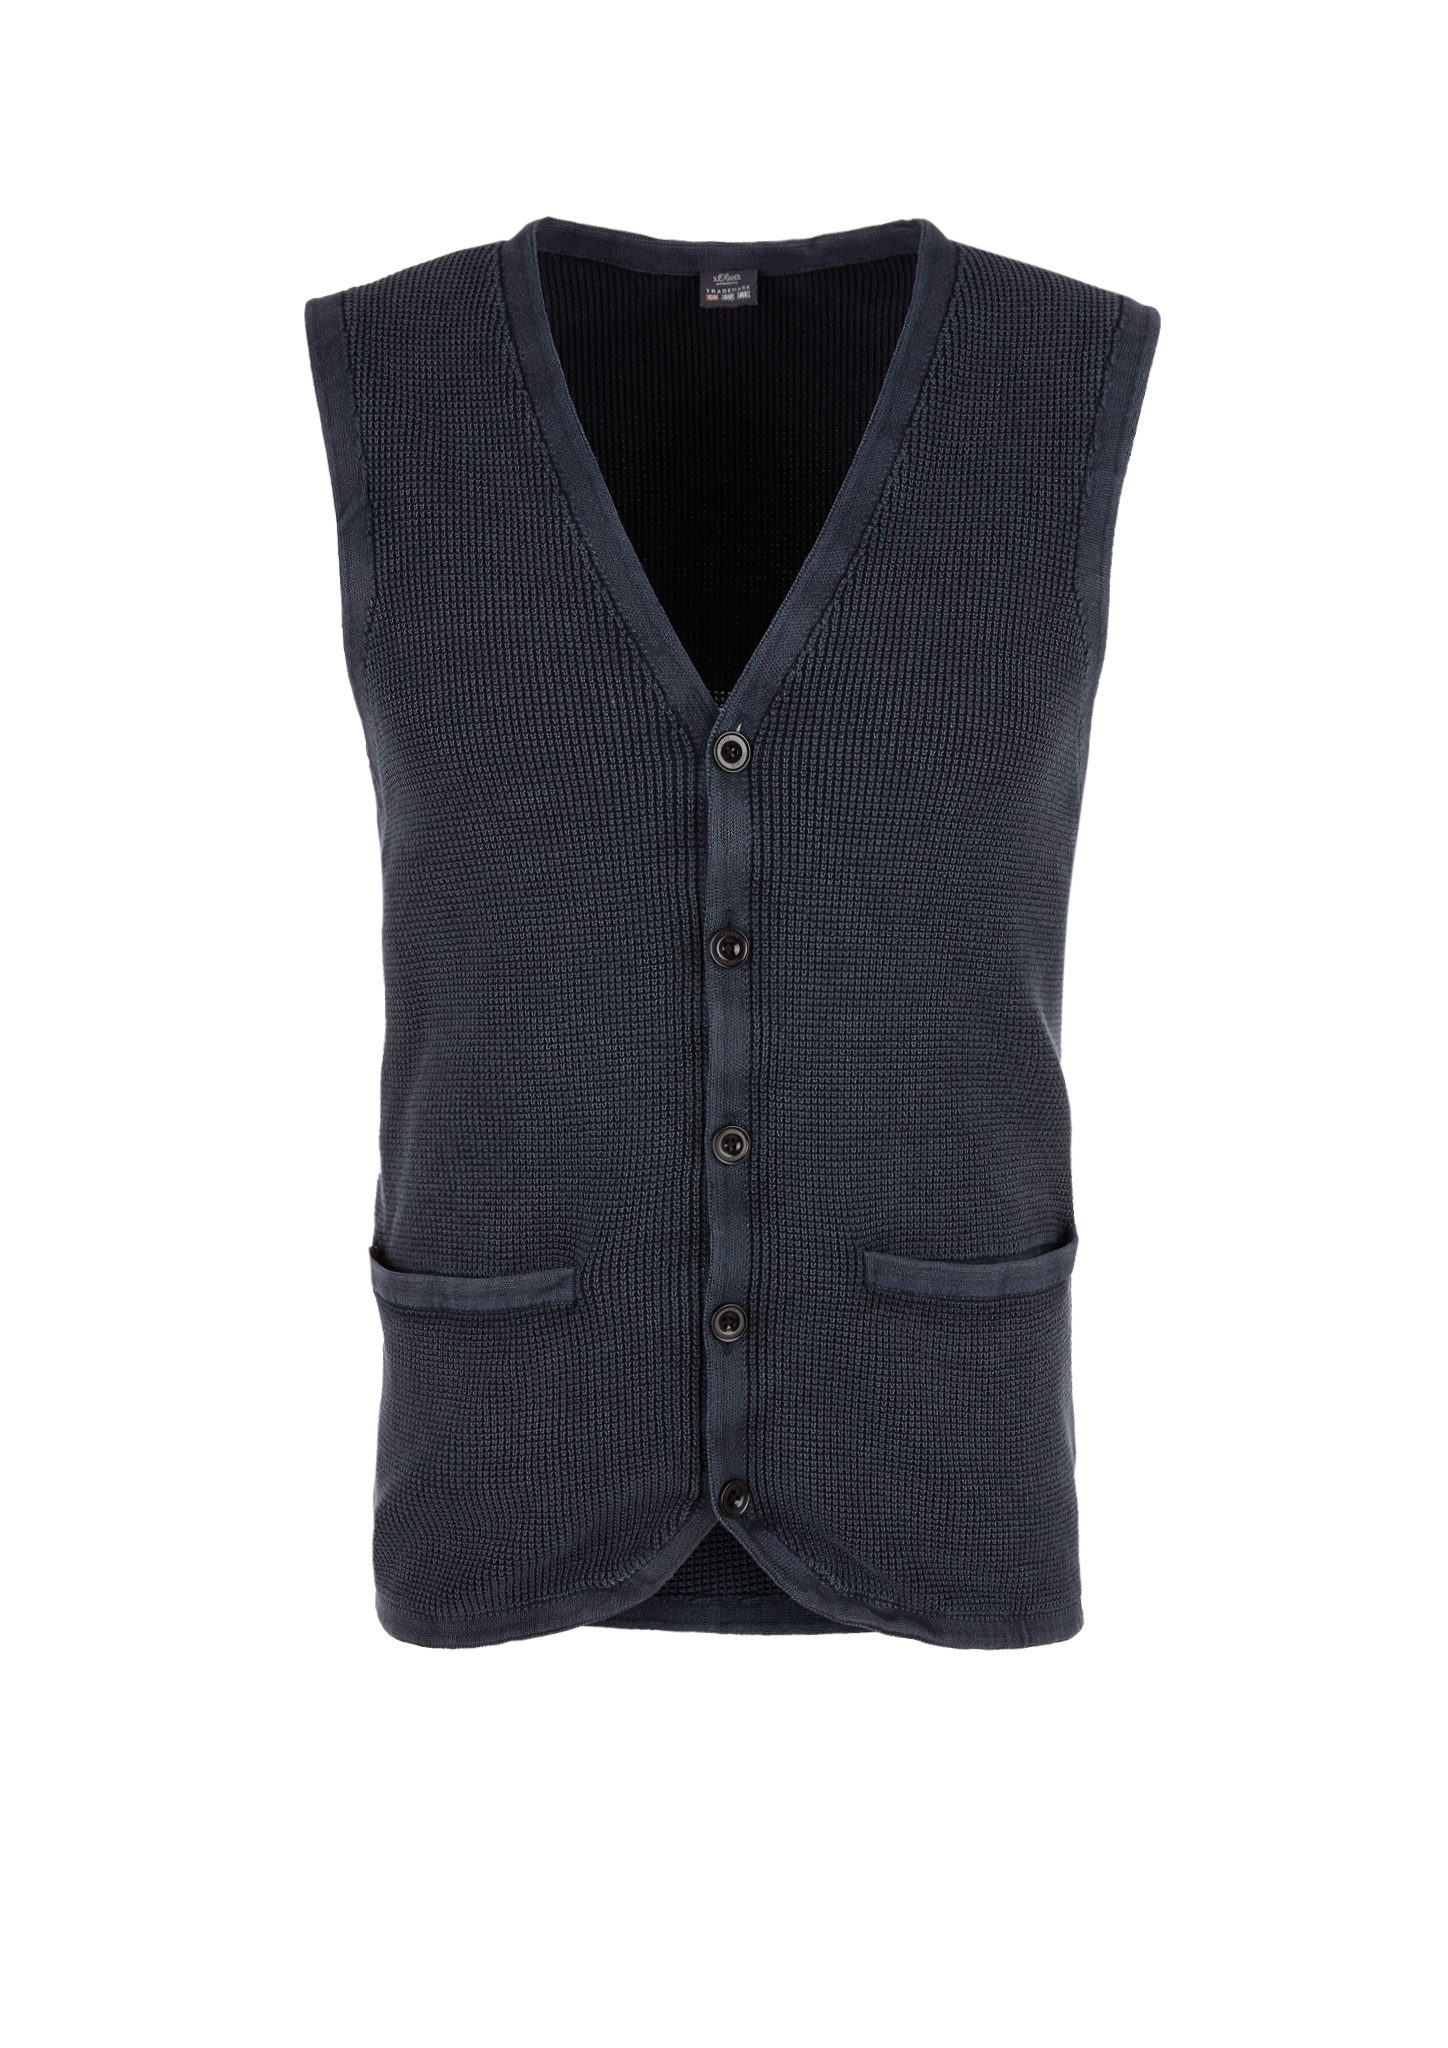 Strickweste | Bekleidung > Westen > Strickwesten | Blau | 100% baumwolle | s.Oliver